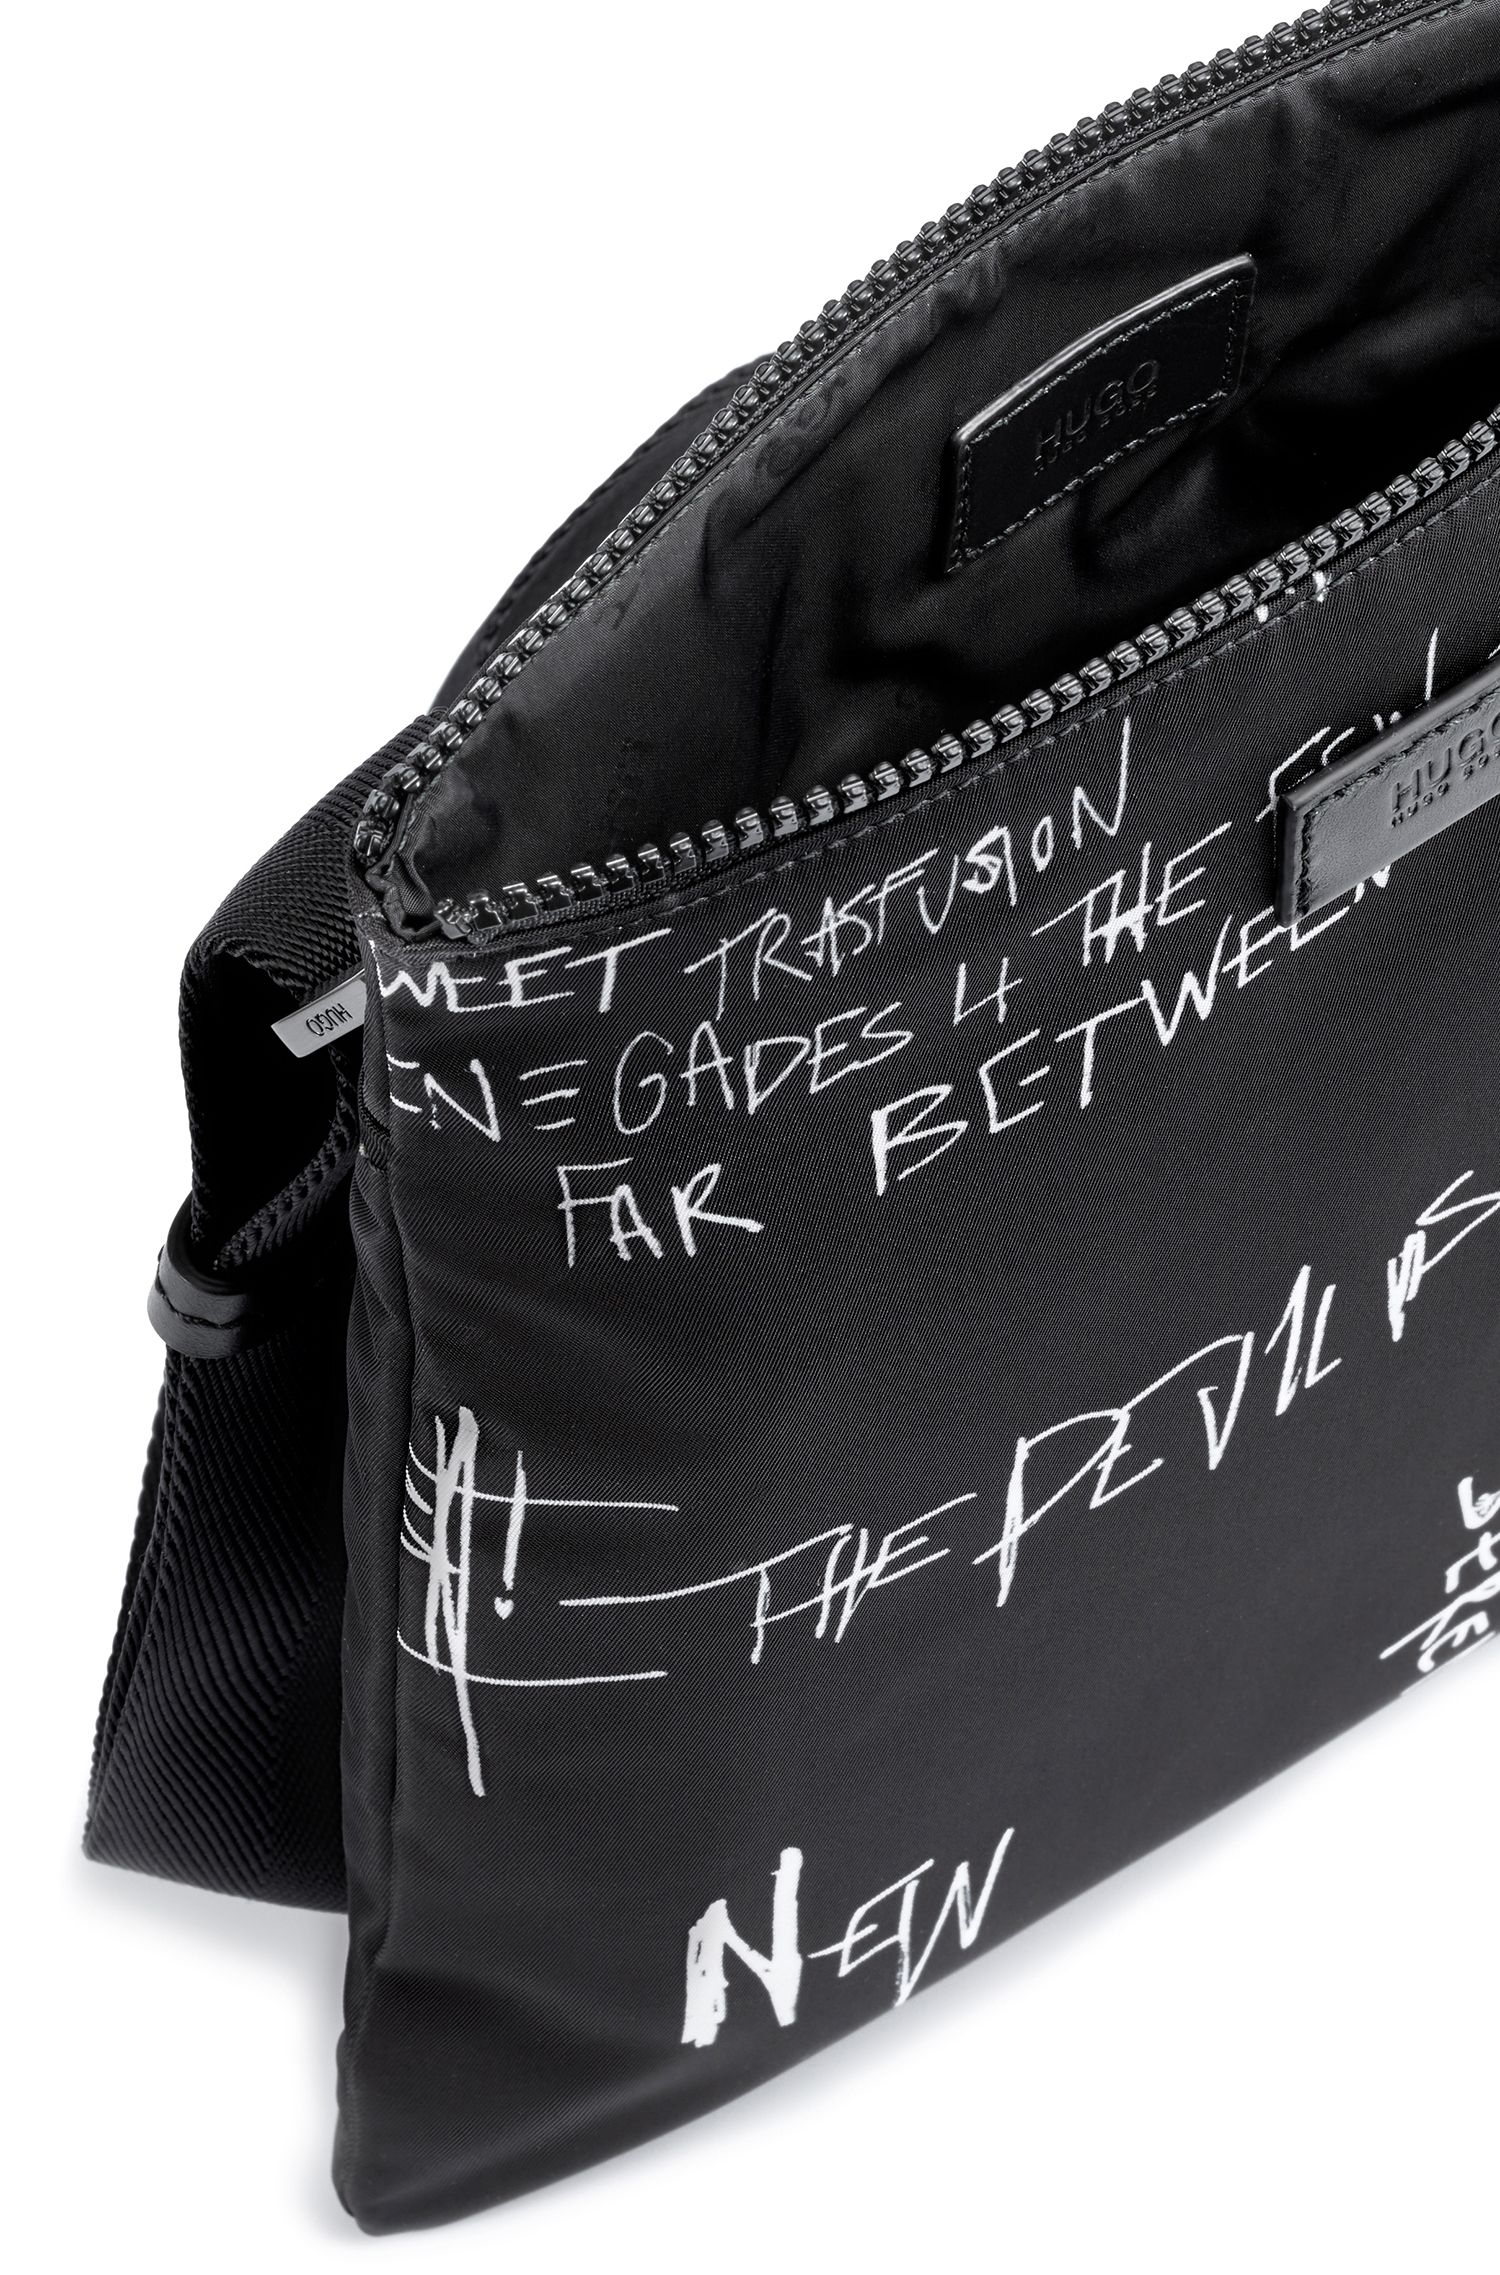 Graffiti-print envelope bag in nylon gabardine